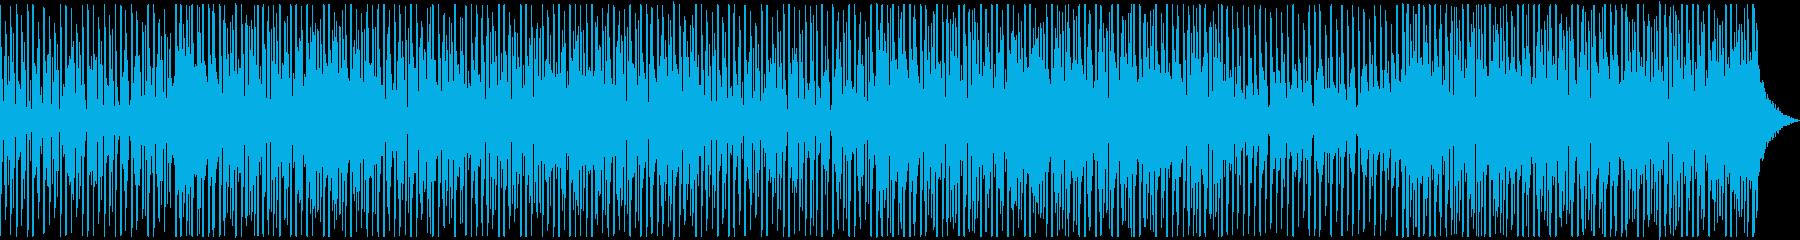 夏、トロピカル、EDM、エンディングの再生済みの波形